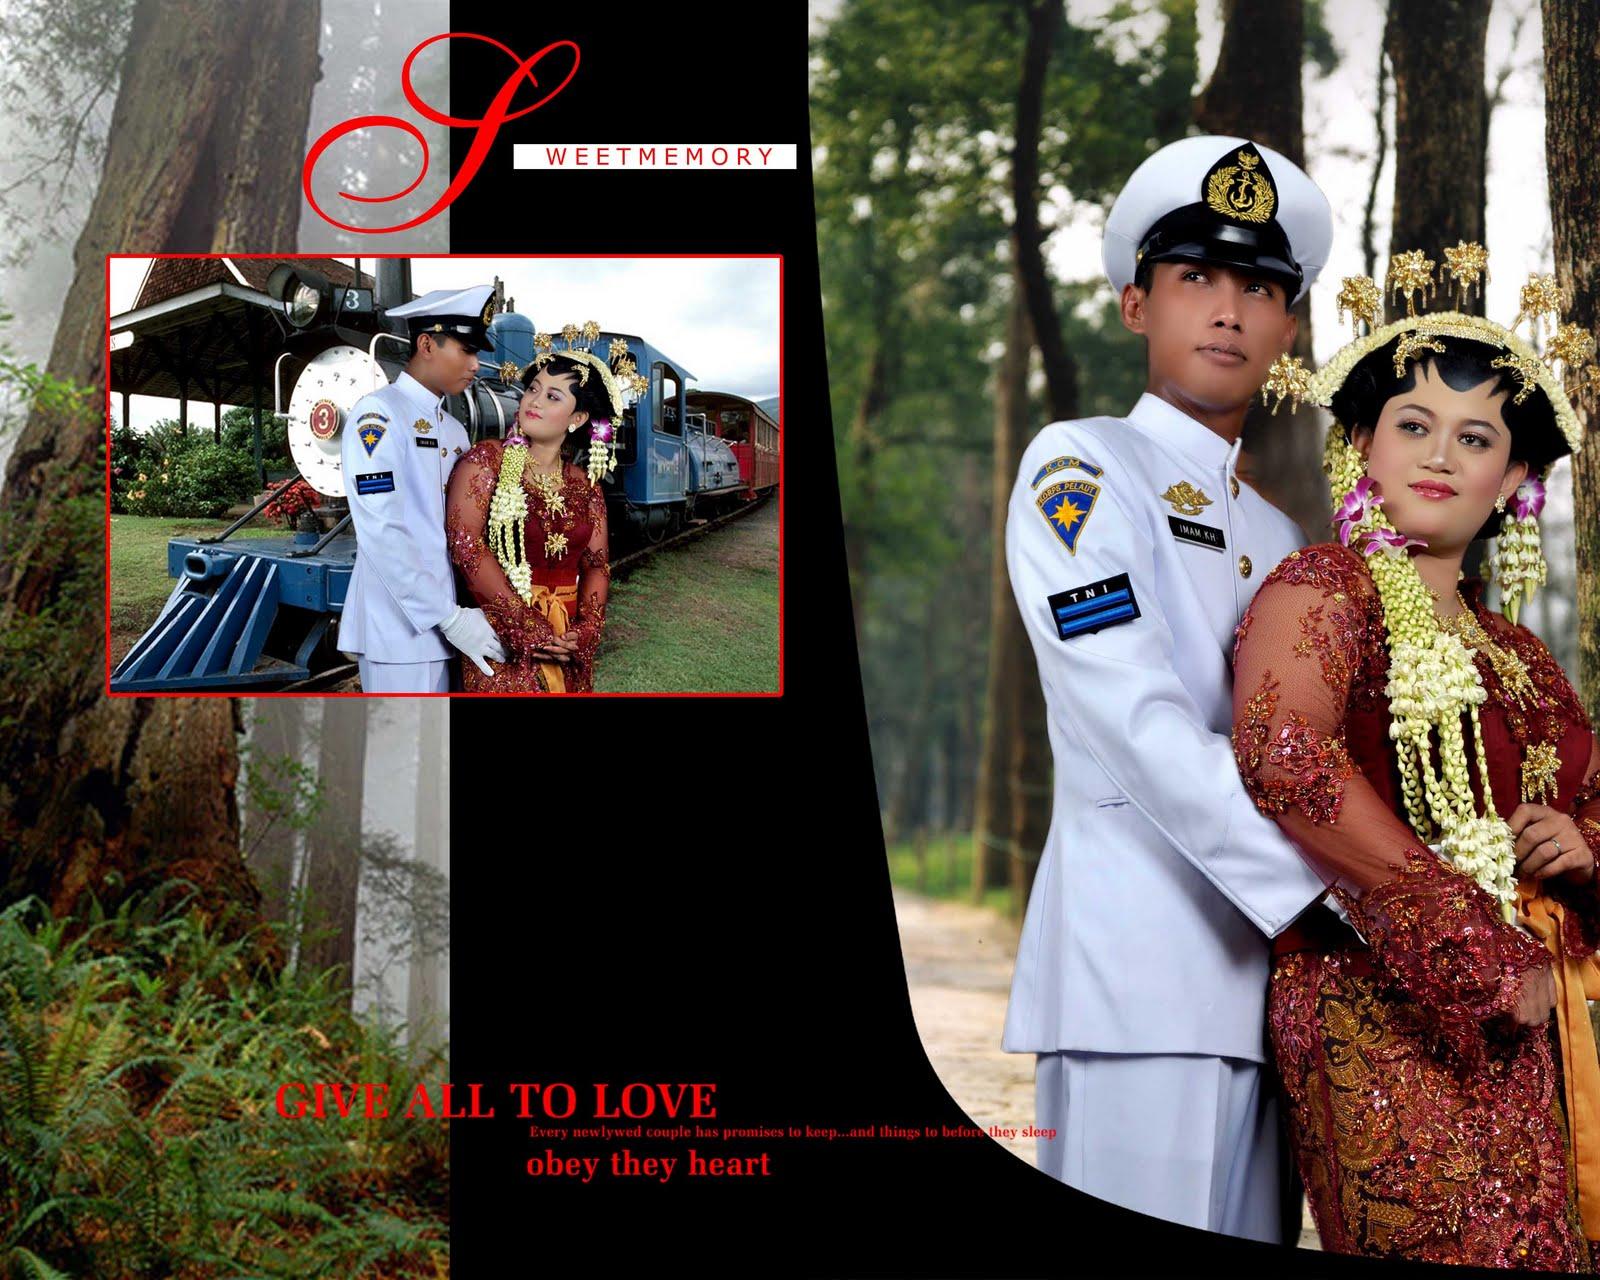 Baju kahwin muslimah www imgarcade com online image arcade - Artikel Tentang Model Konde Pengantin Jawa Timur Ca